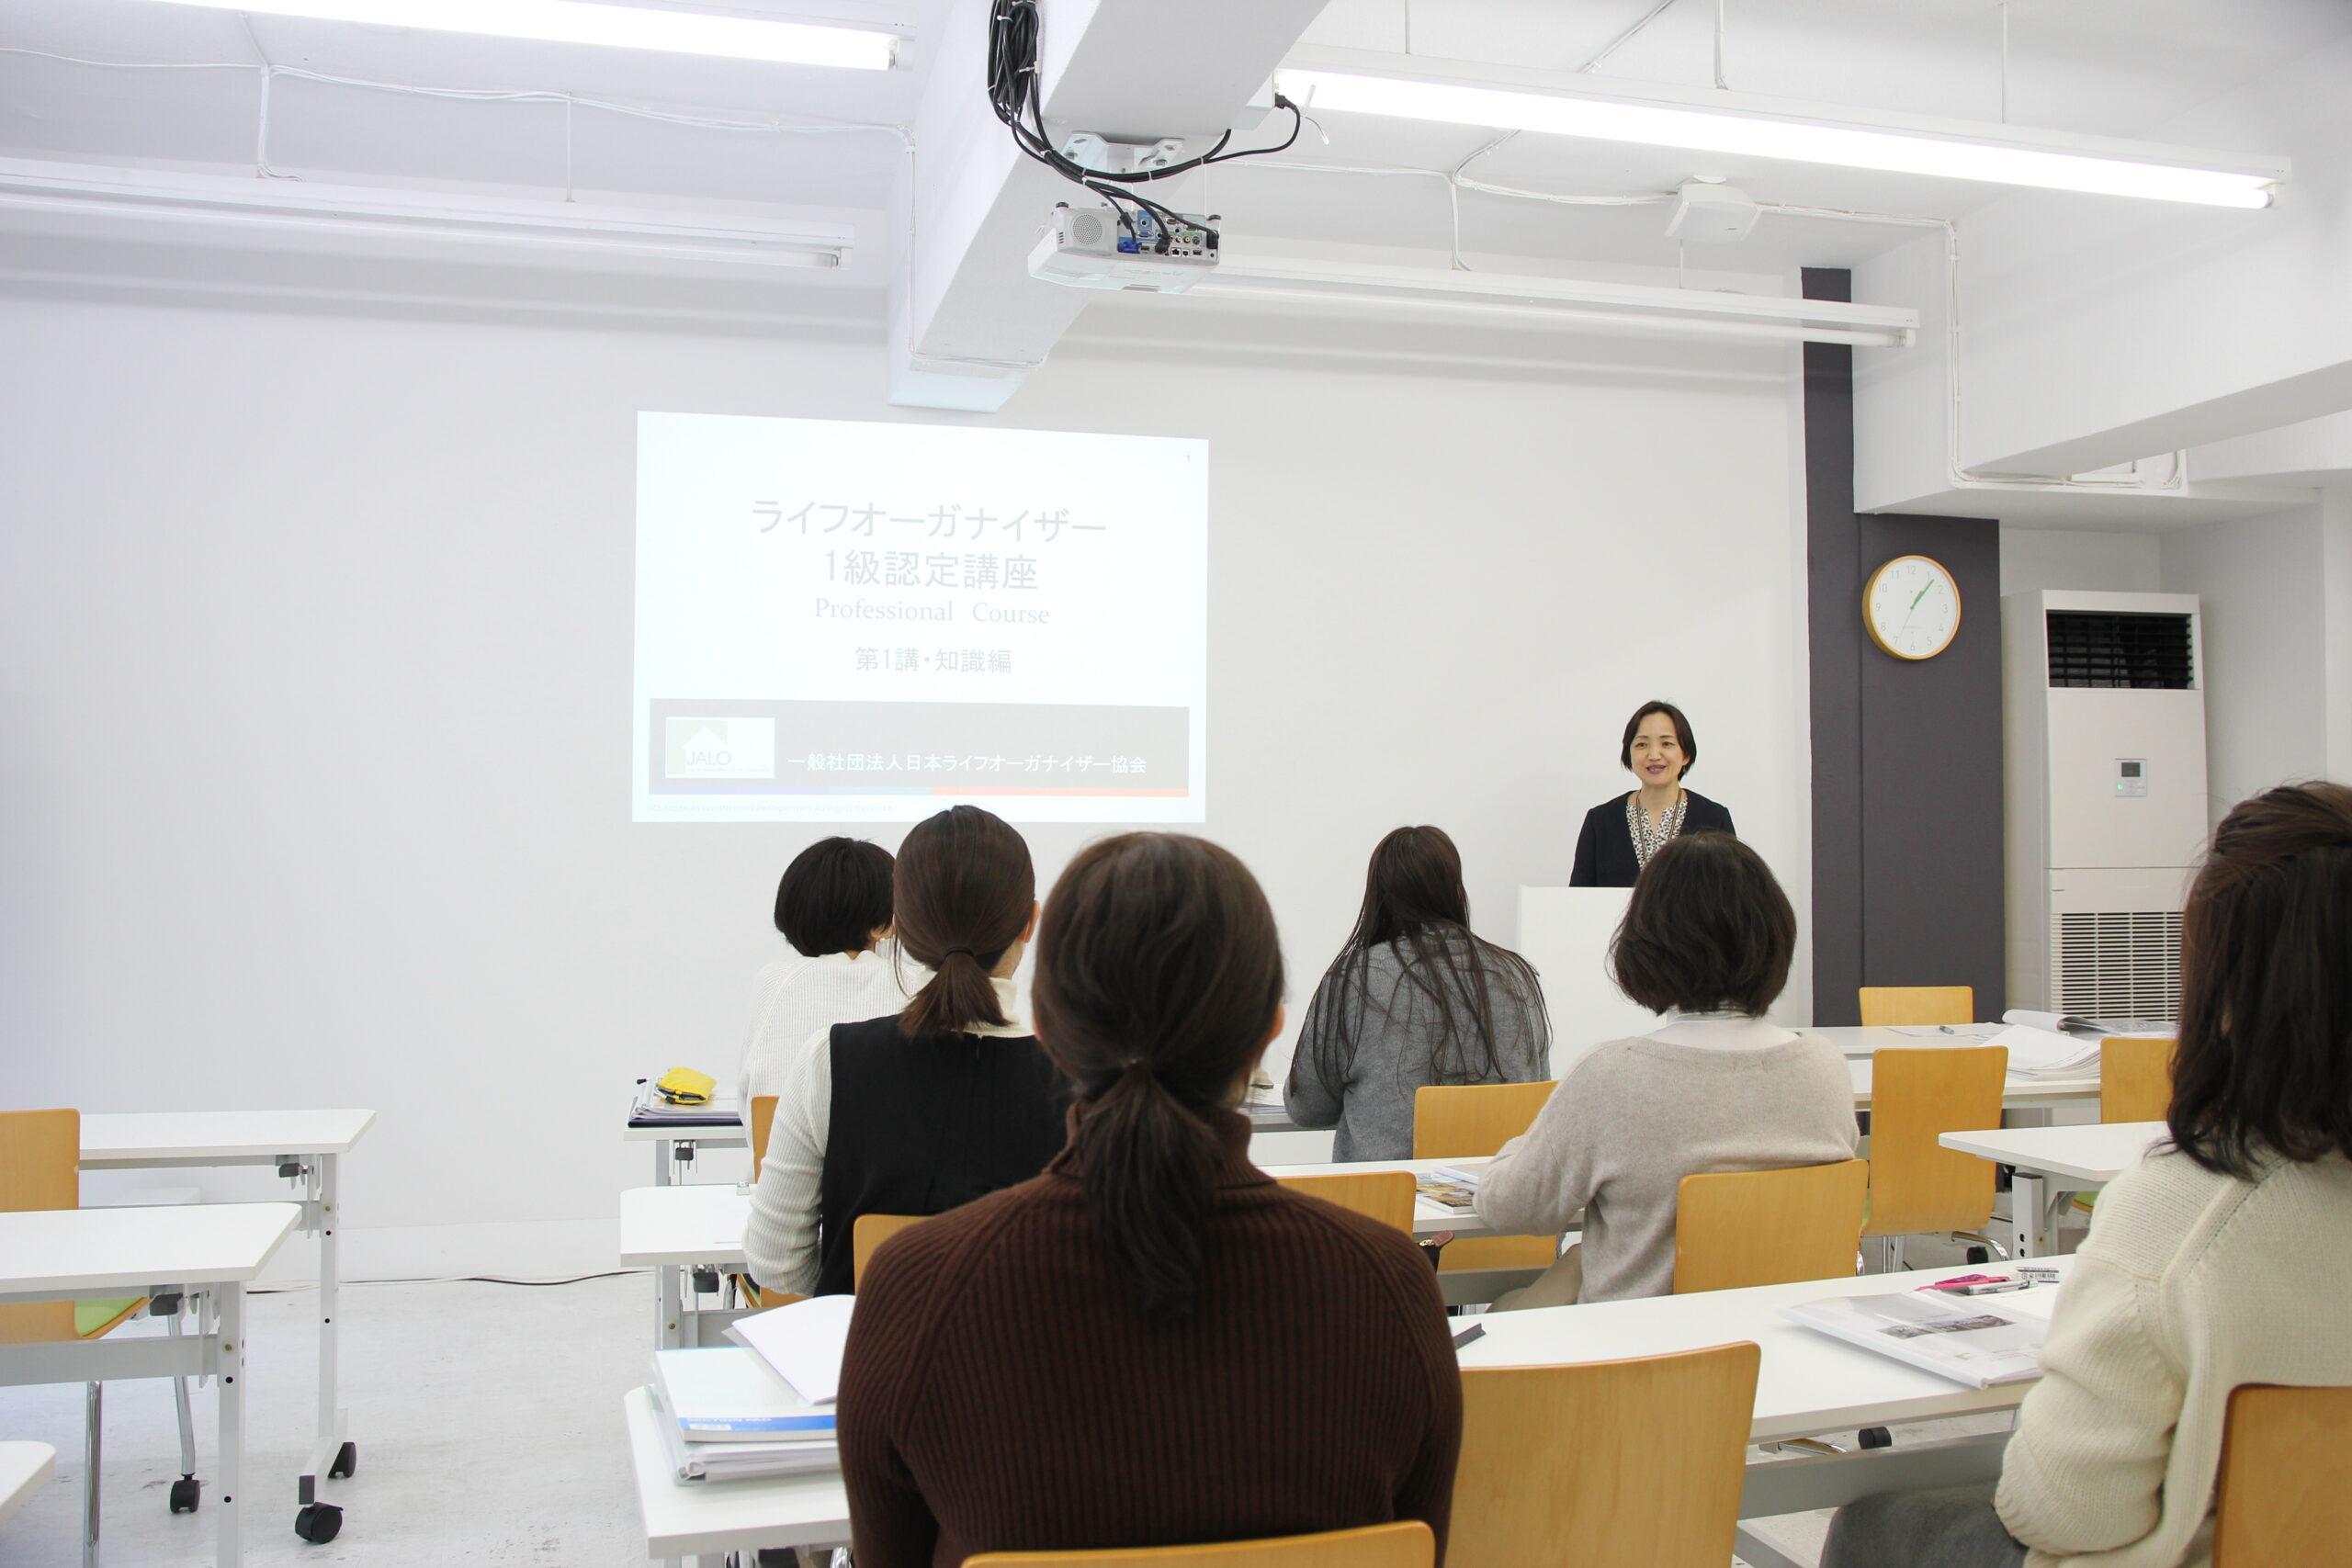 札幌 1級資格認定講座の開催が決定しました!!